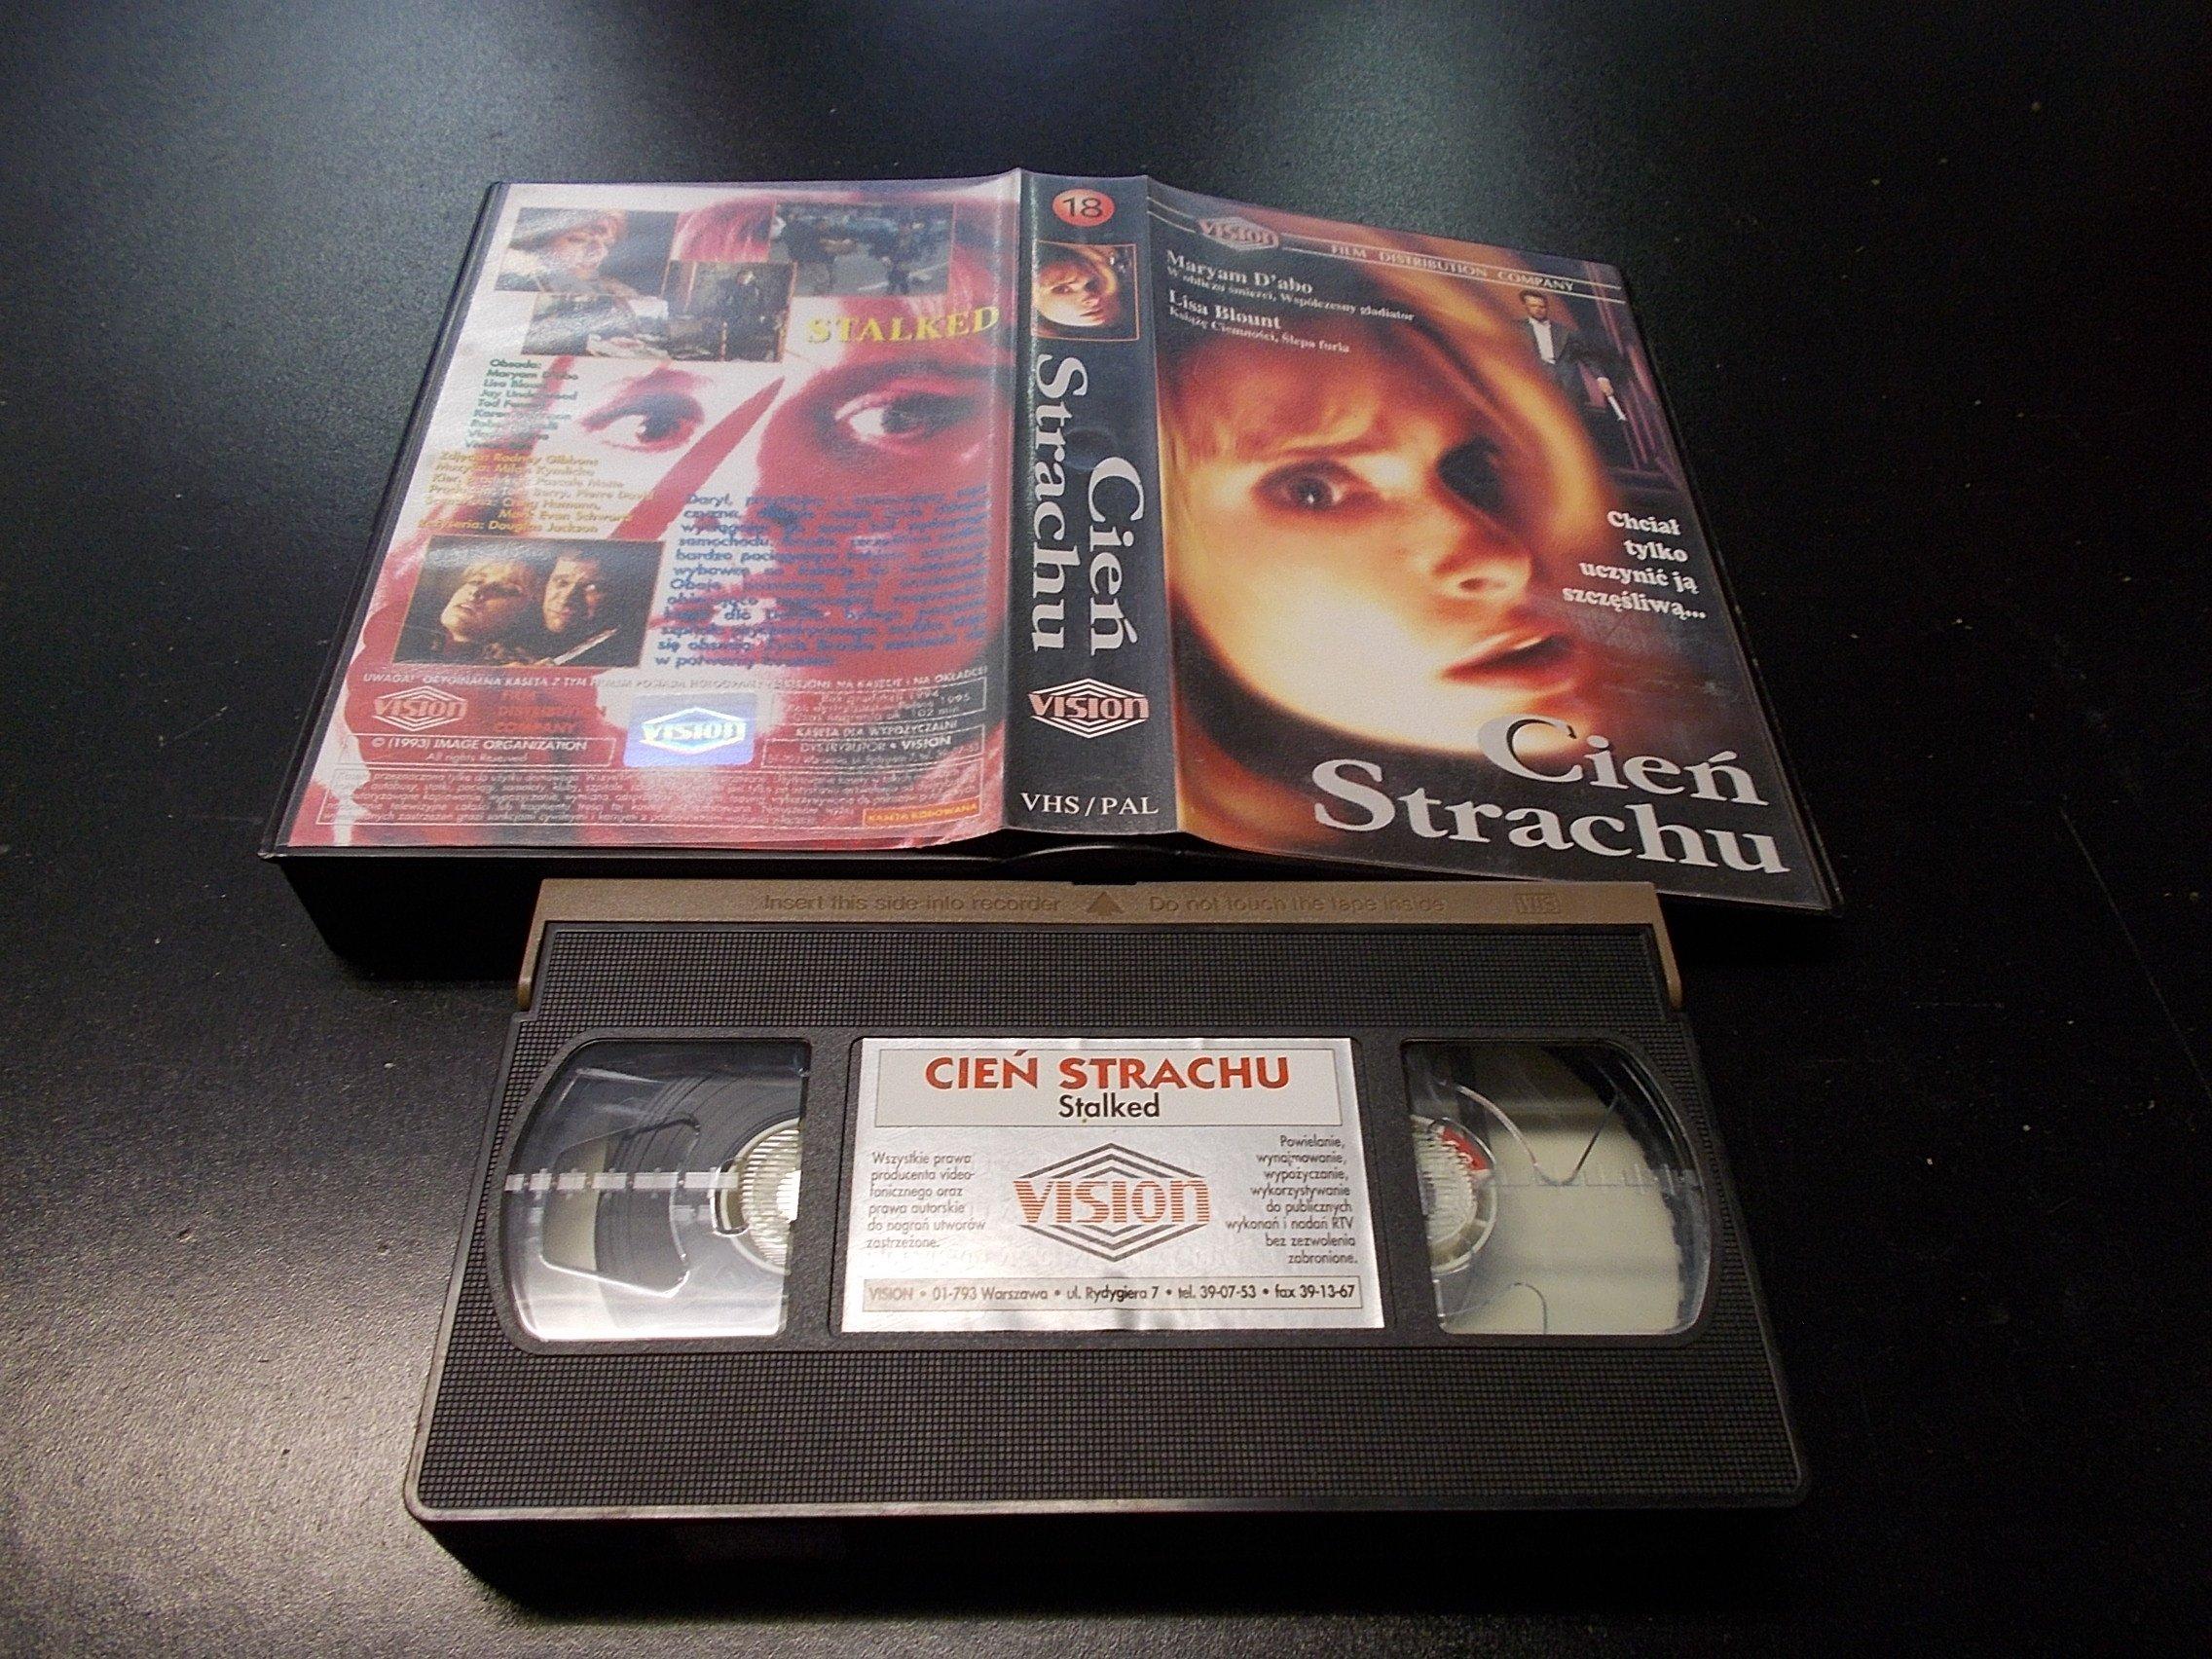 CIEŃ STRACHU -  kaseta VHS - 1279 Opole - AlleOpole.pl